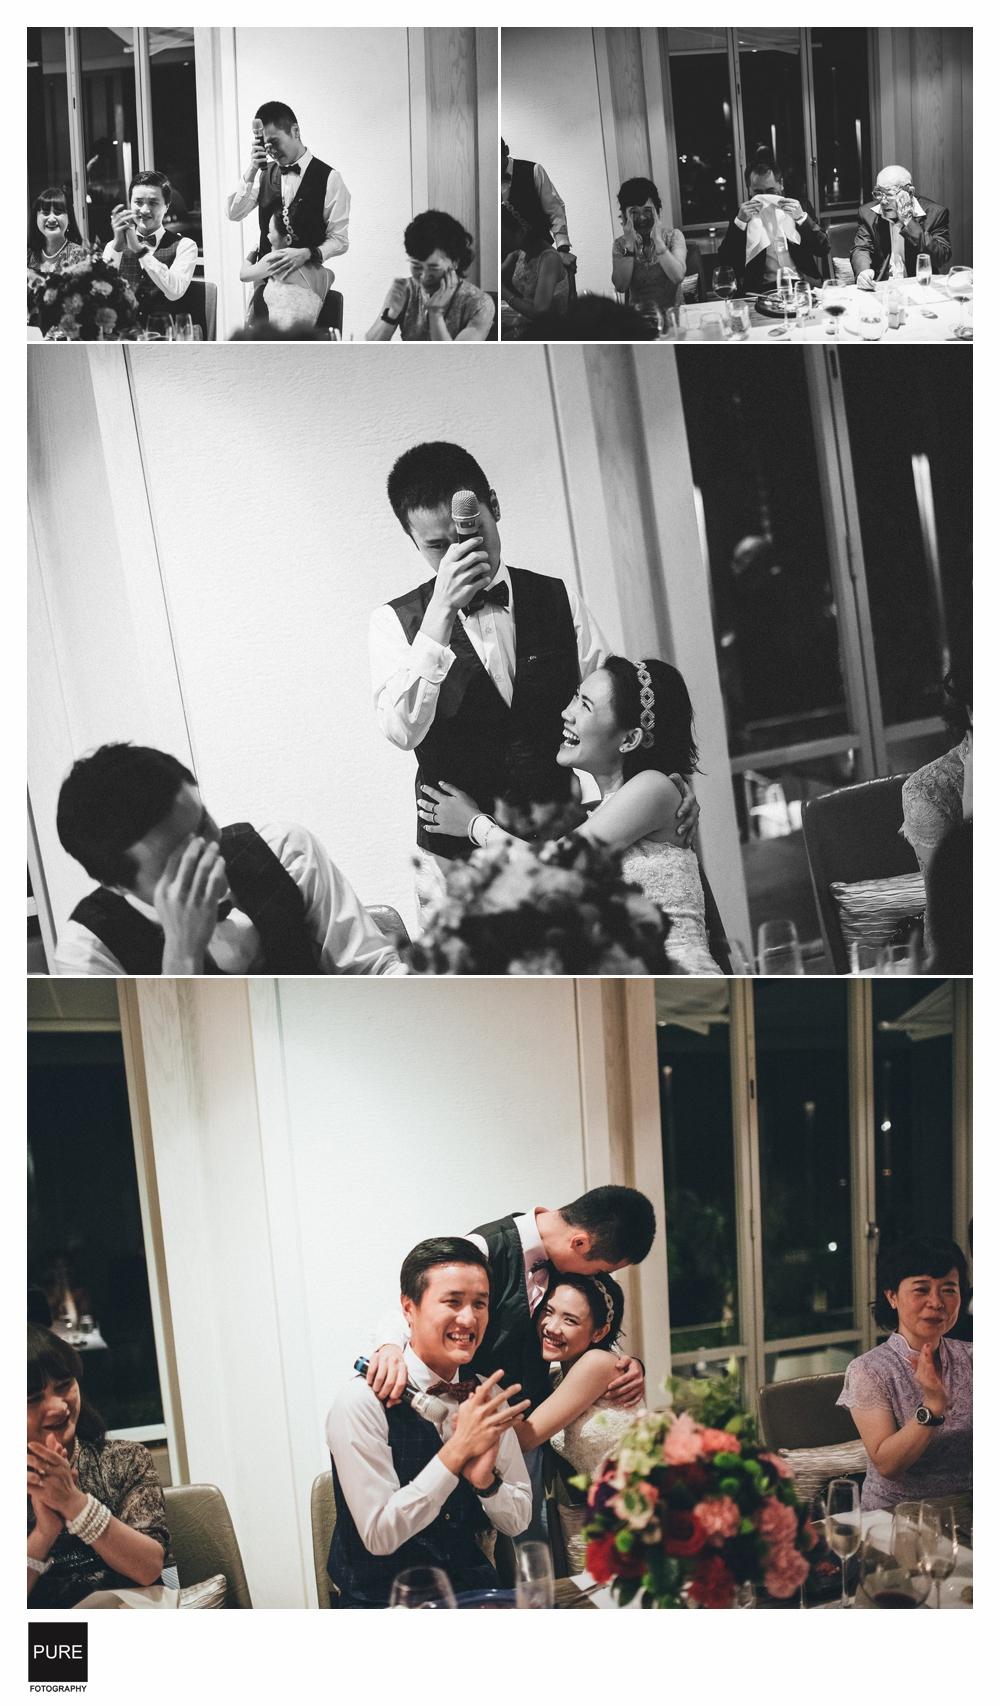 墾丁婚禮攝影PUREFOTO